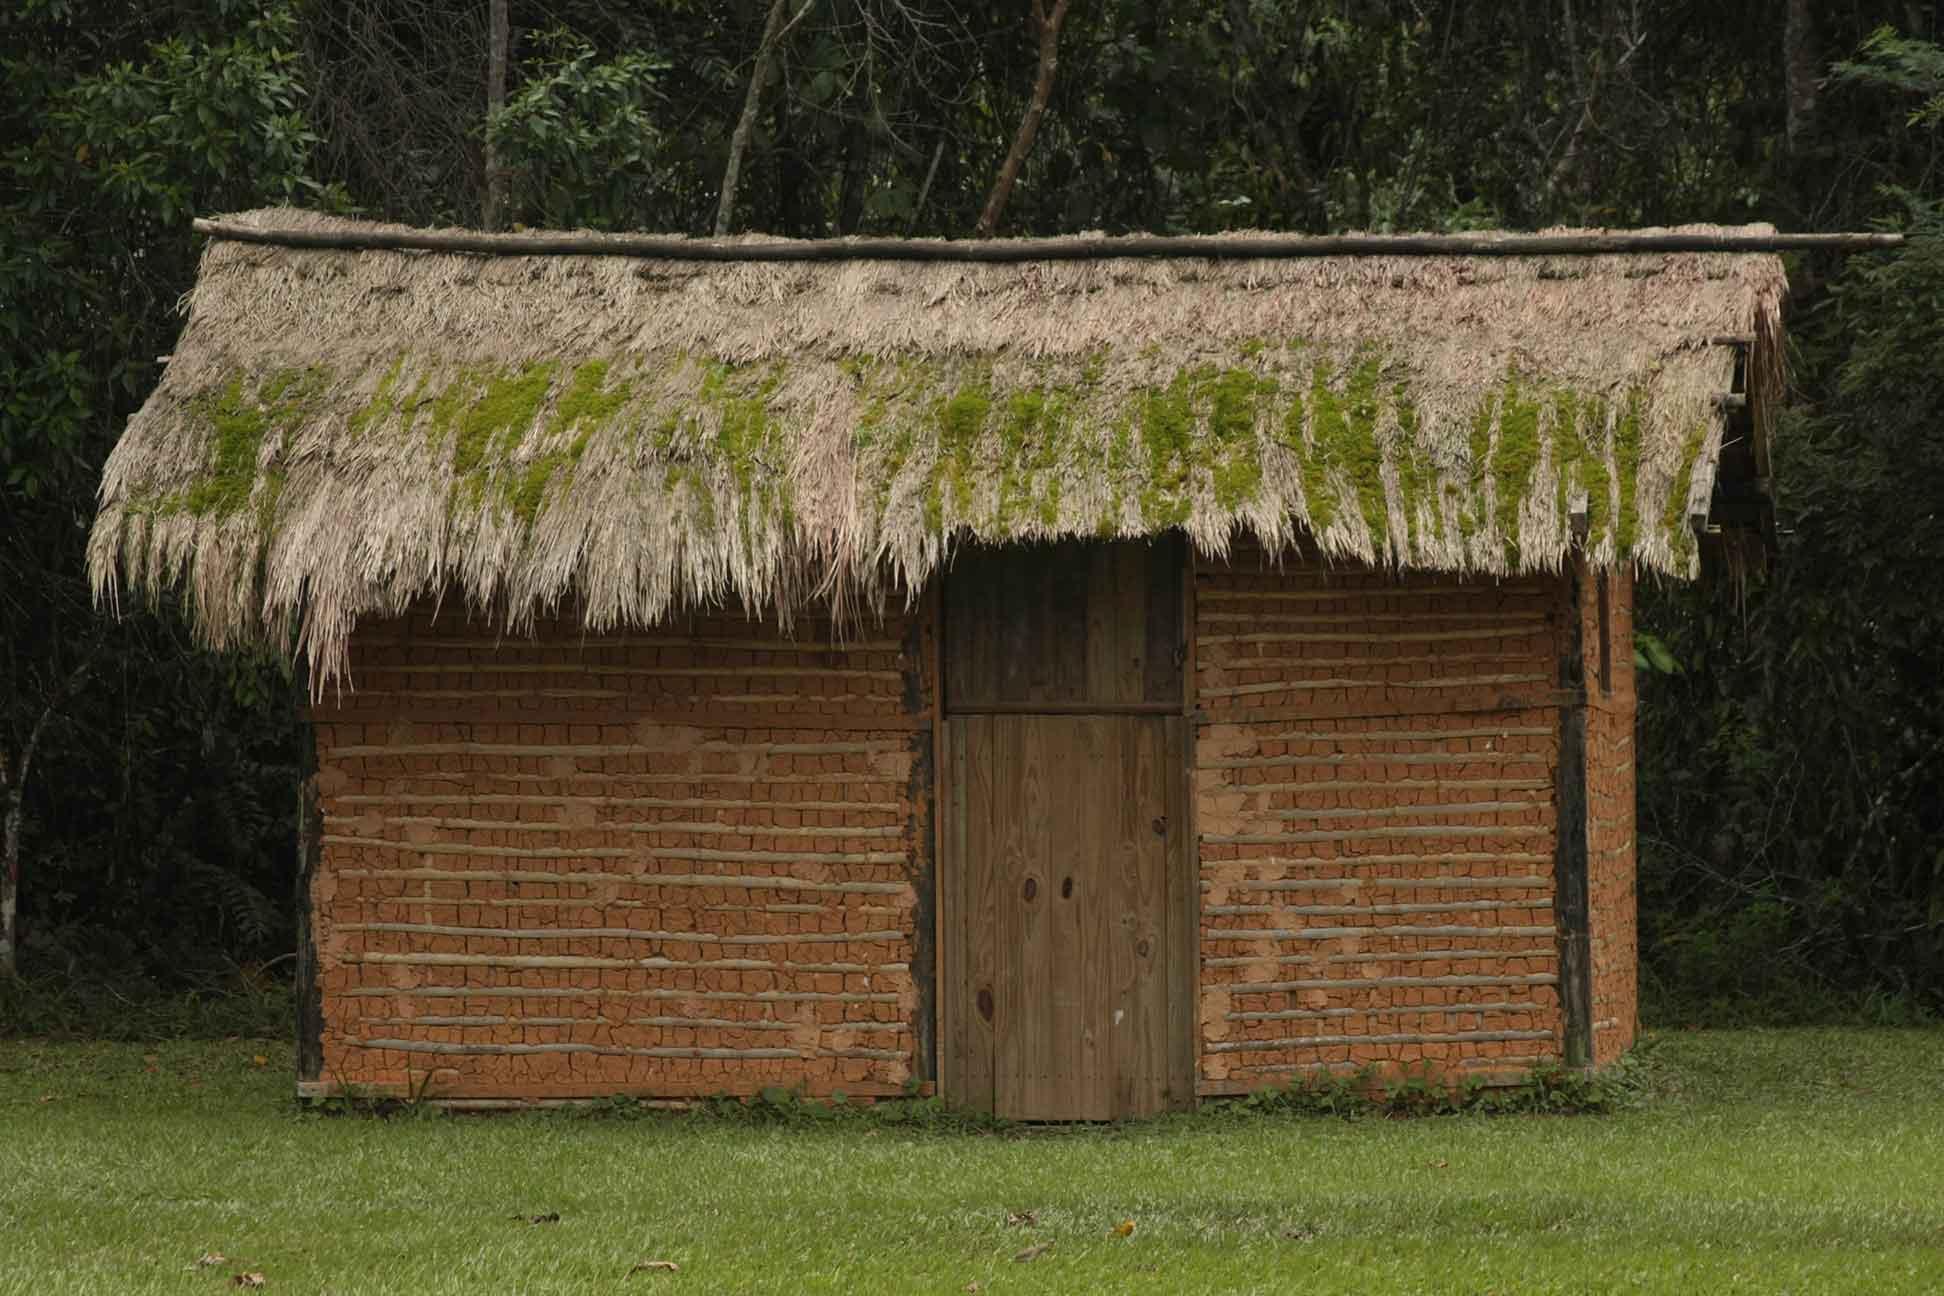 Ubatuba-cultura-arquitetura-taipa-de-pilao-076-bx